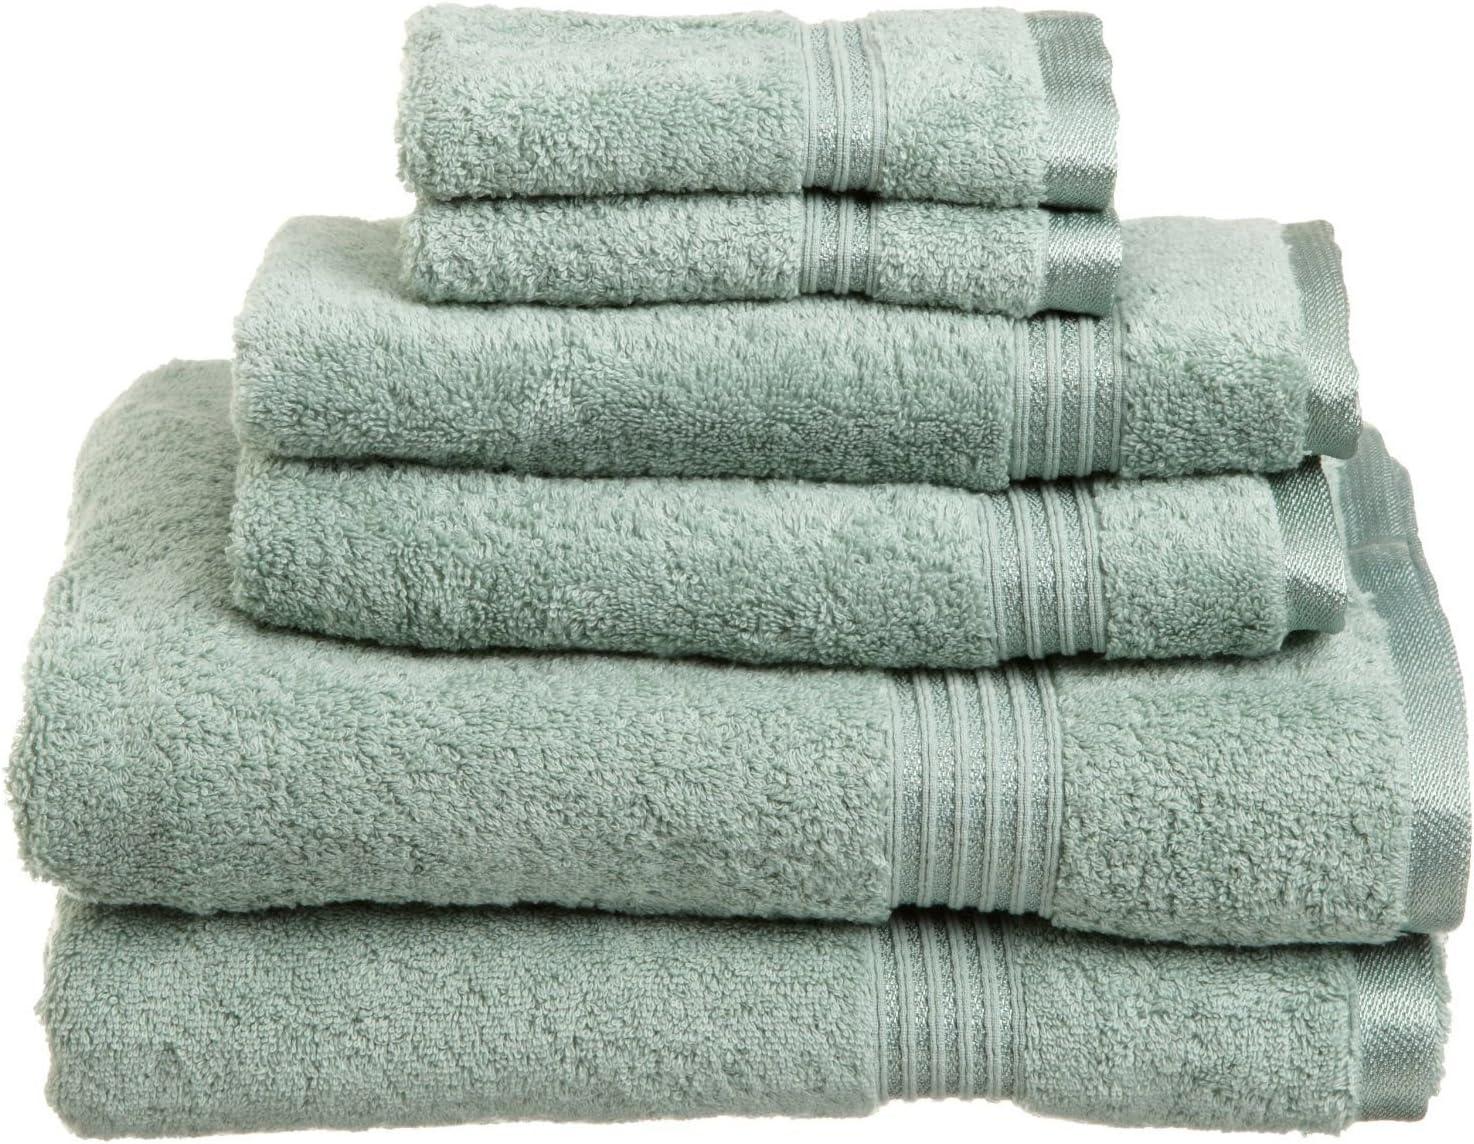 SUPERIOR Luxury Cotton Bath Towel Set - 6-Piece Towel Set, 600 GSM, Long-Staple Combed Cotton Towels, Sage Green